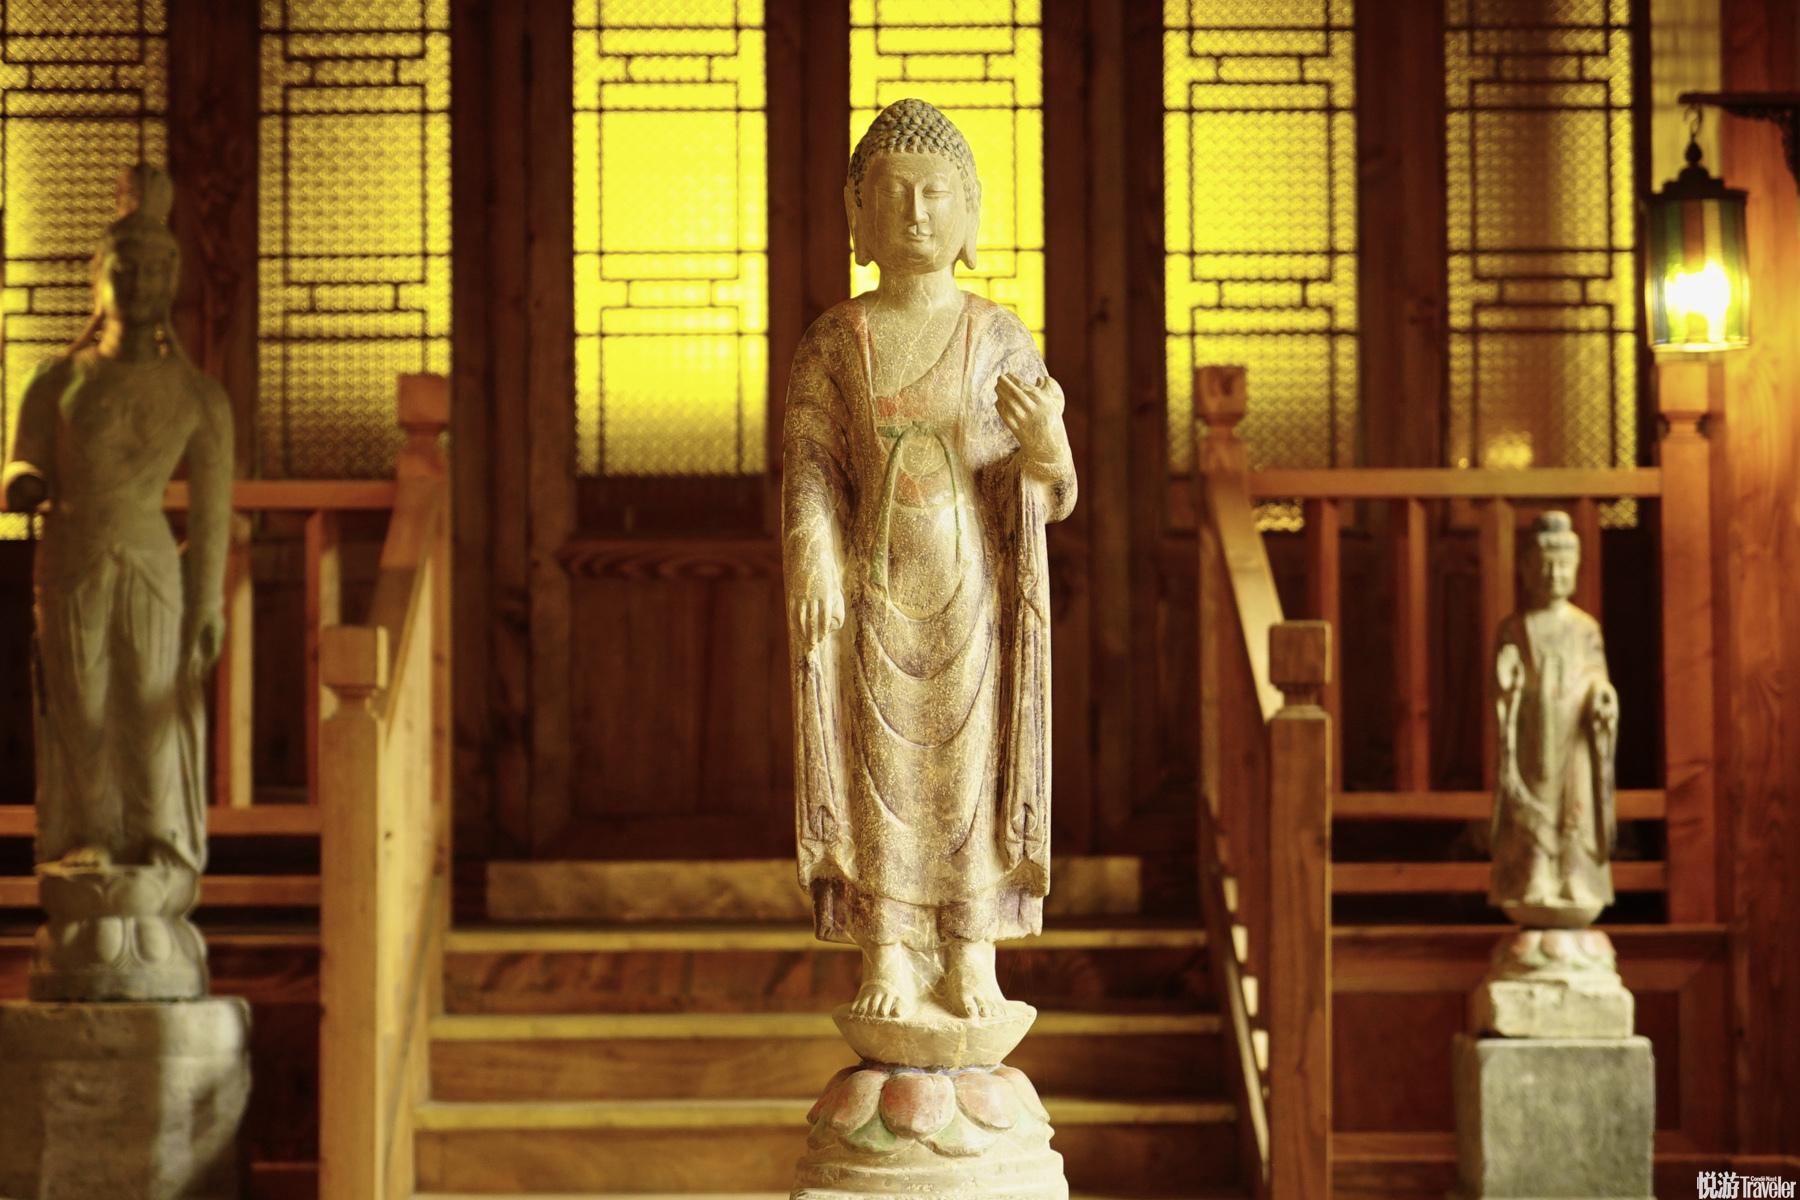 你想要的平和宁静,是松赞最擅长的事情 松赞丽江林卡营造的氛围,自然的把你带入平和,一切将会慢下来。